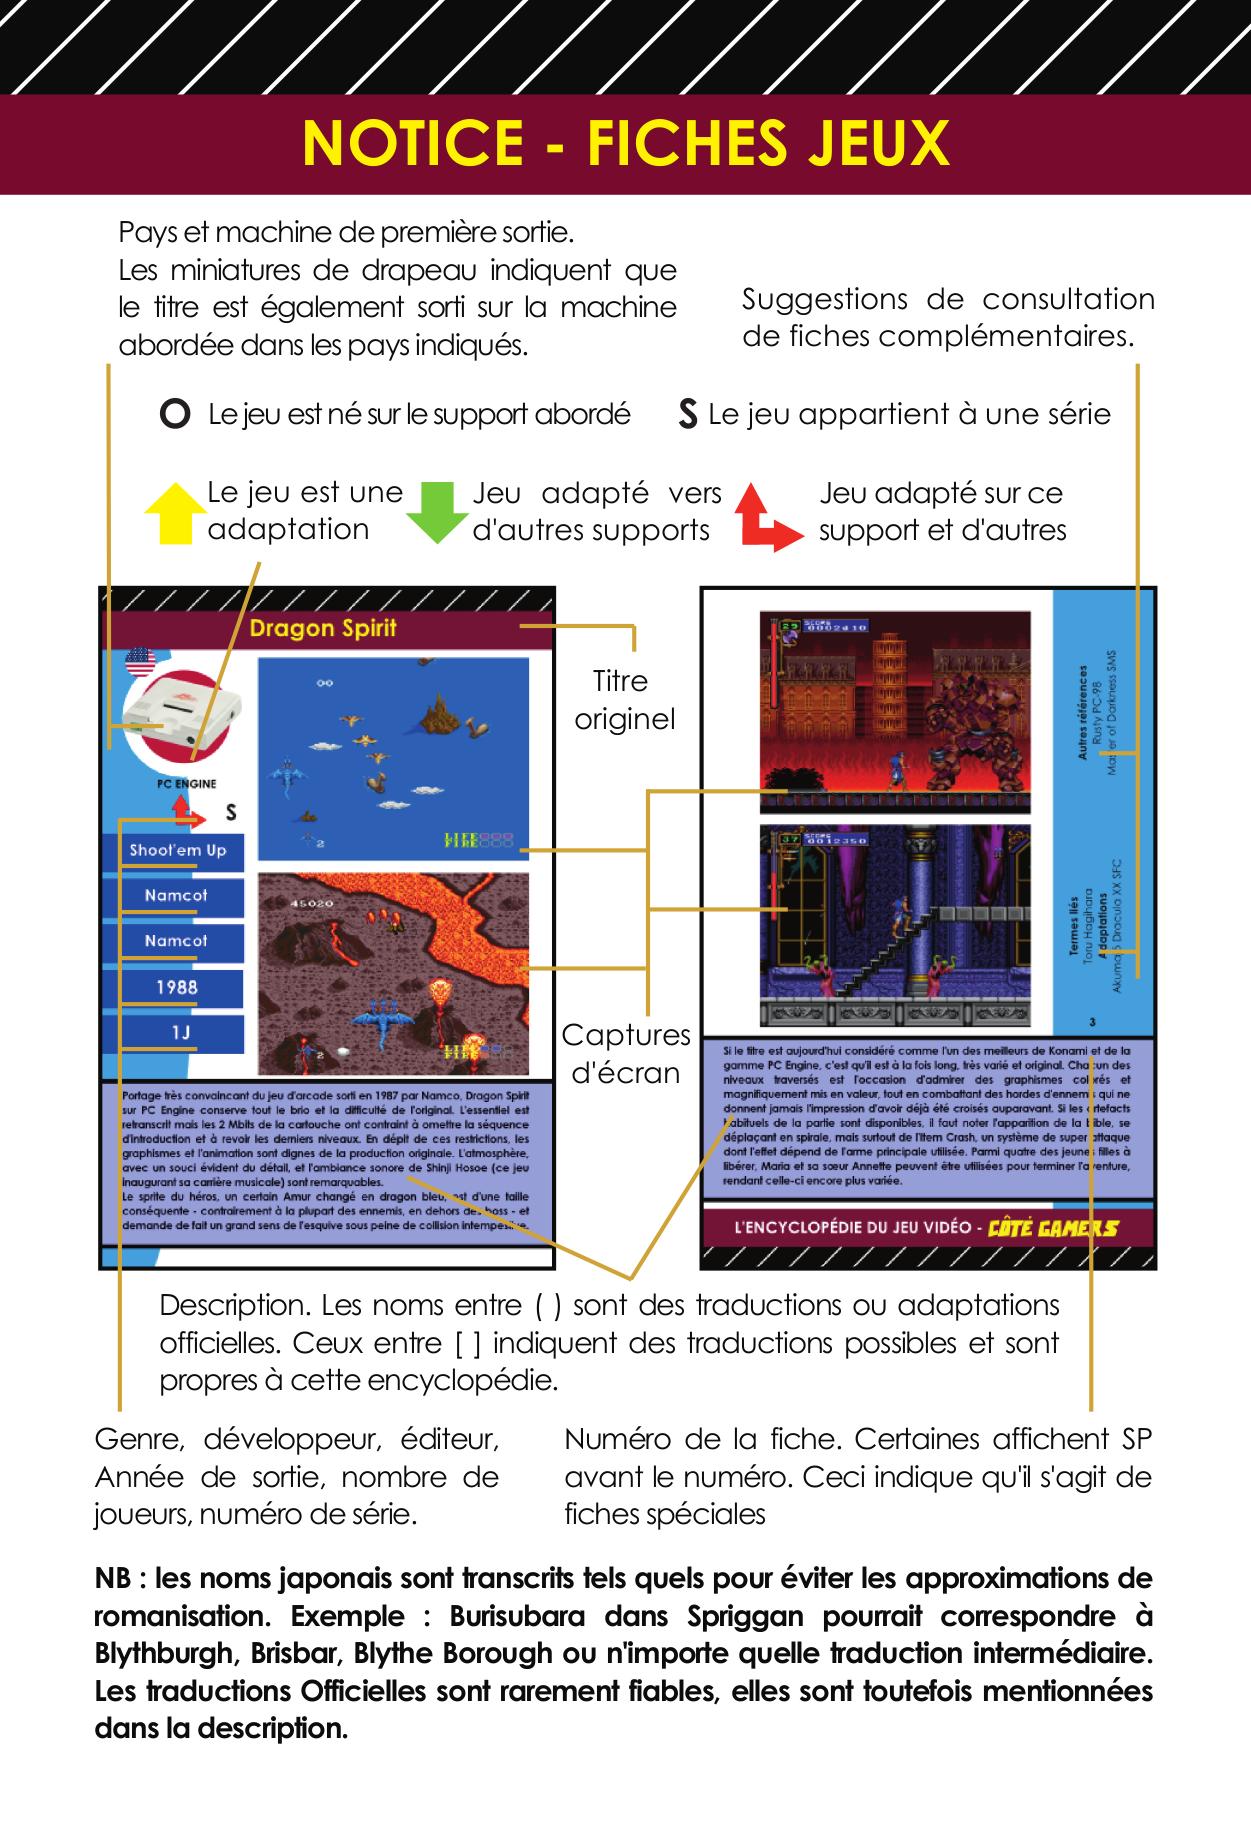 Fiches encyclopédie du jeu vidéo notice manuel fiches jeux et fiches personnages